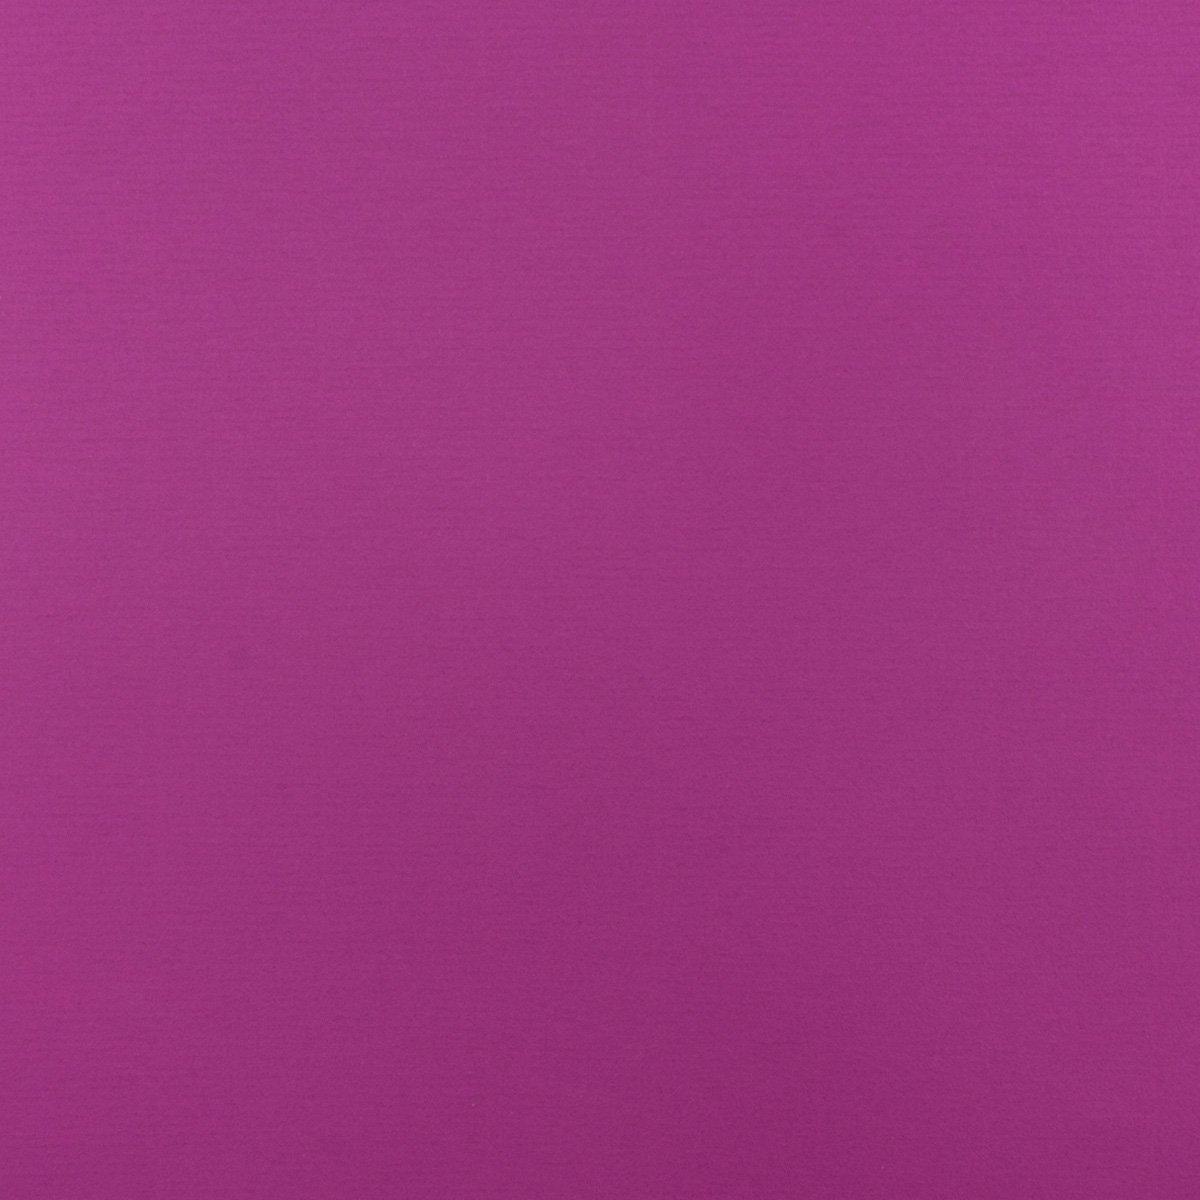 700 Faltkarten Din Lang Lang Lang - Hellgrau - Premium Qualität - 10,5 x 21 cm - Sehr formstabil - für Drucker Geeignet  - Qualitätsmarke  NEUSER FarbenFroh B07FKP892Z | Neues Produkt  beae65